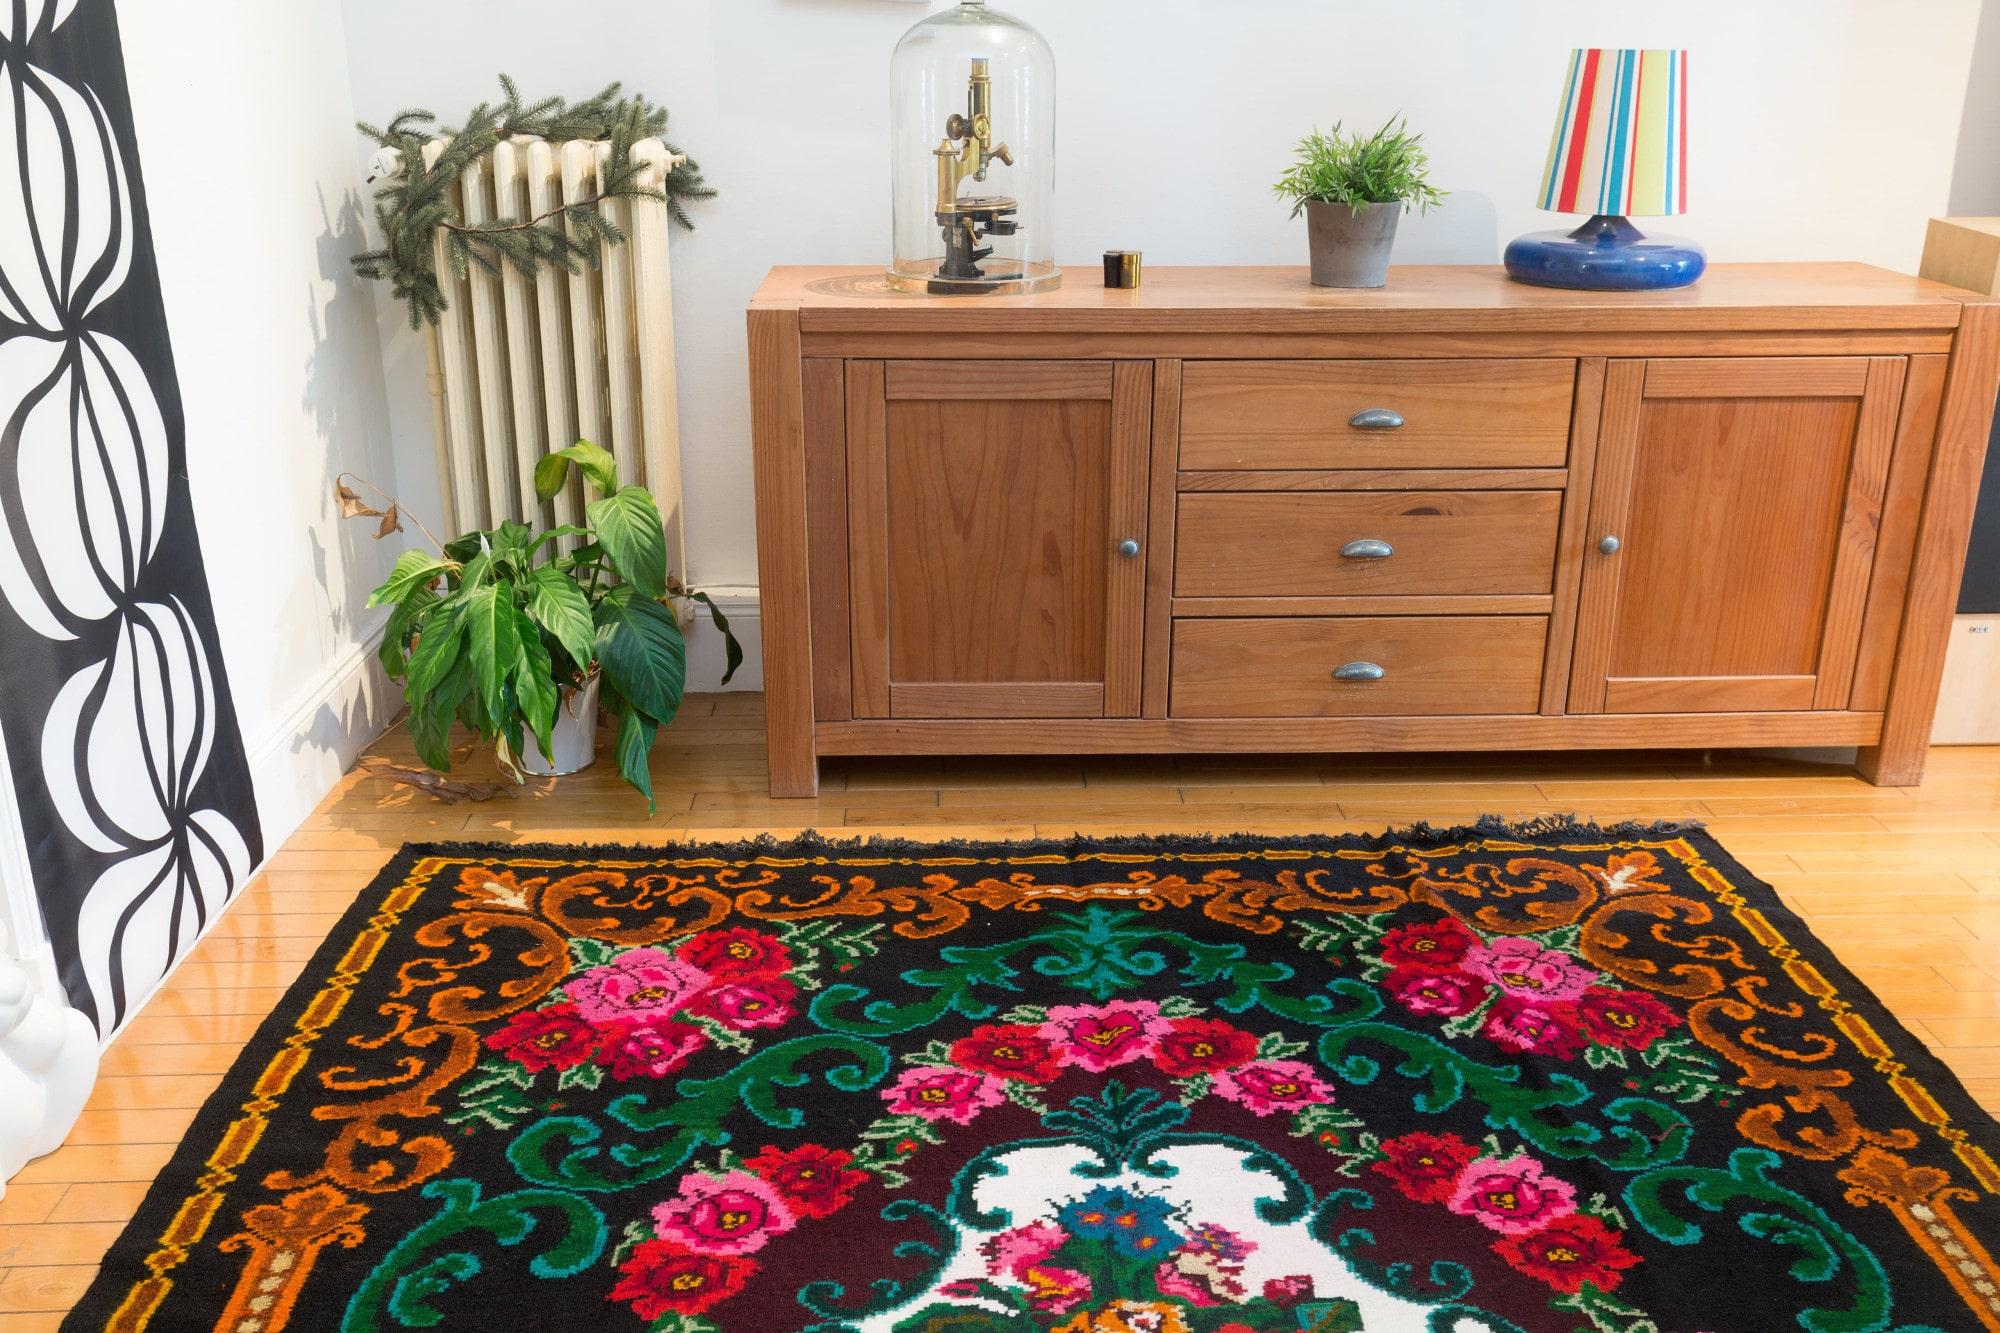 decoration-boho-boheme-kinfolk